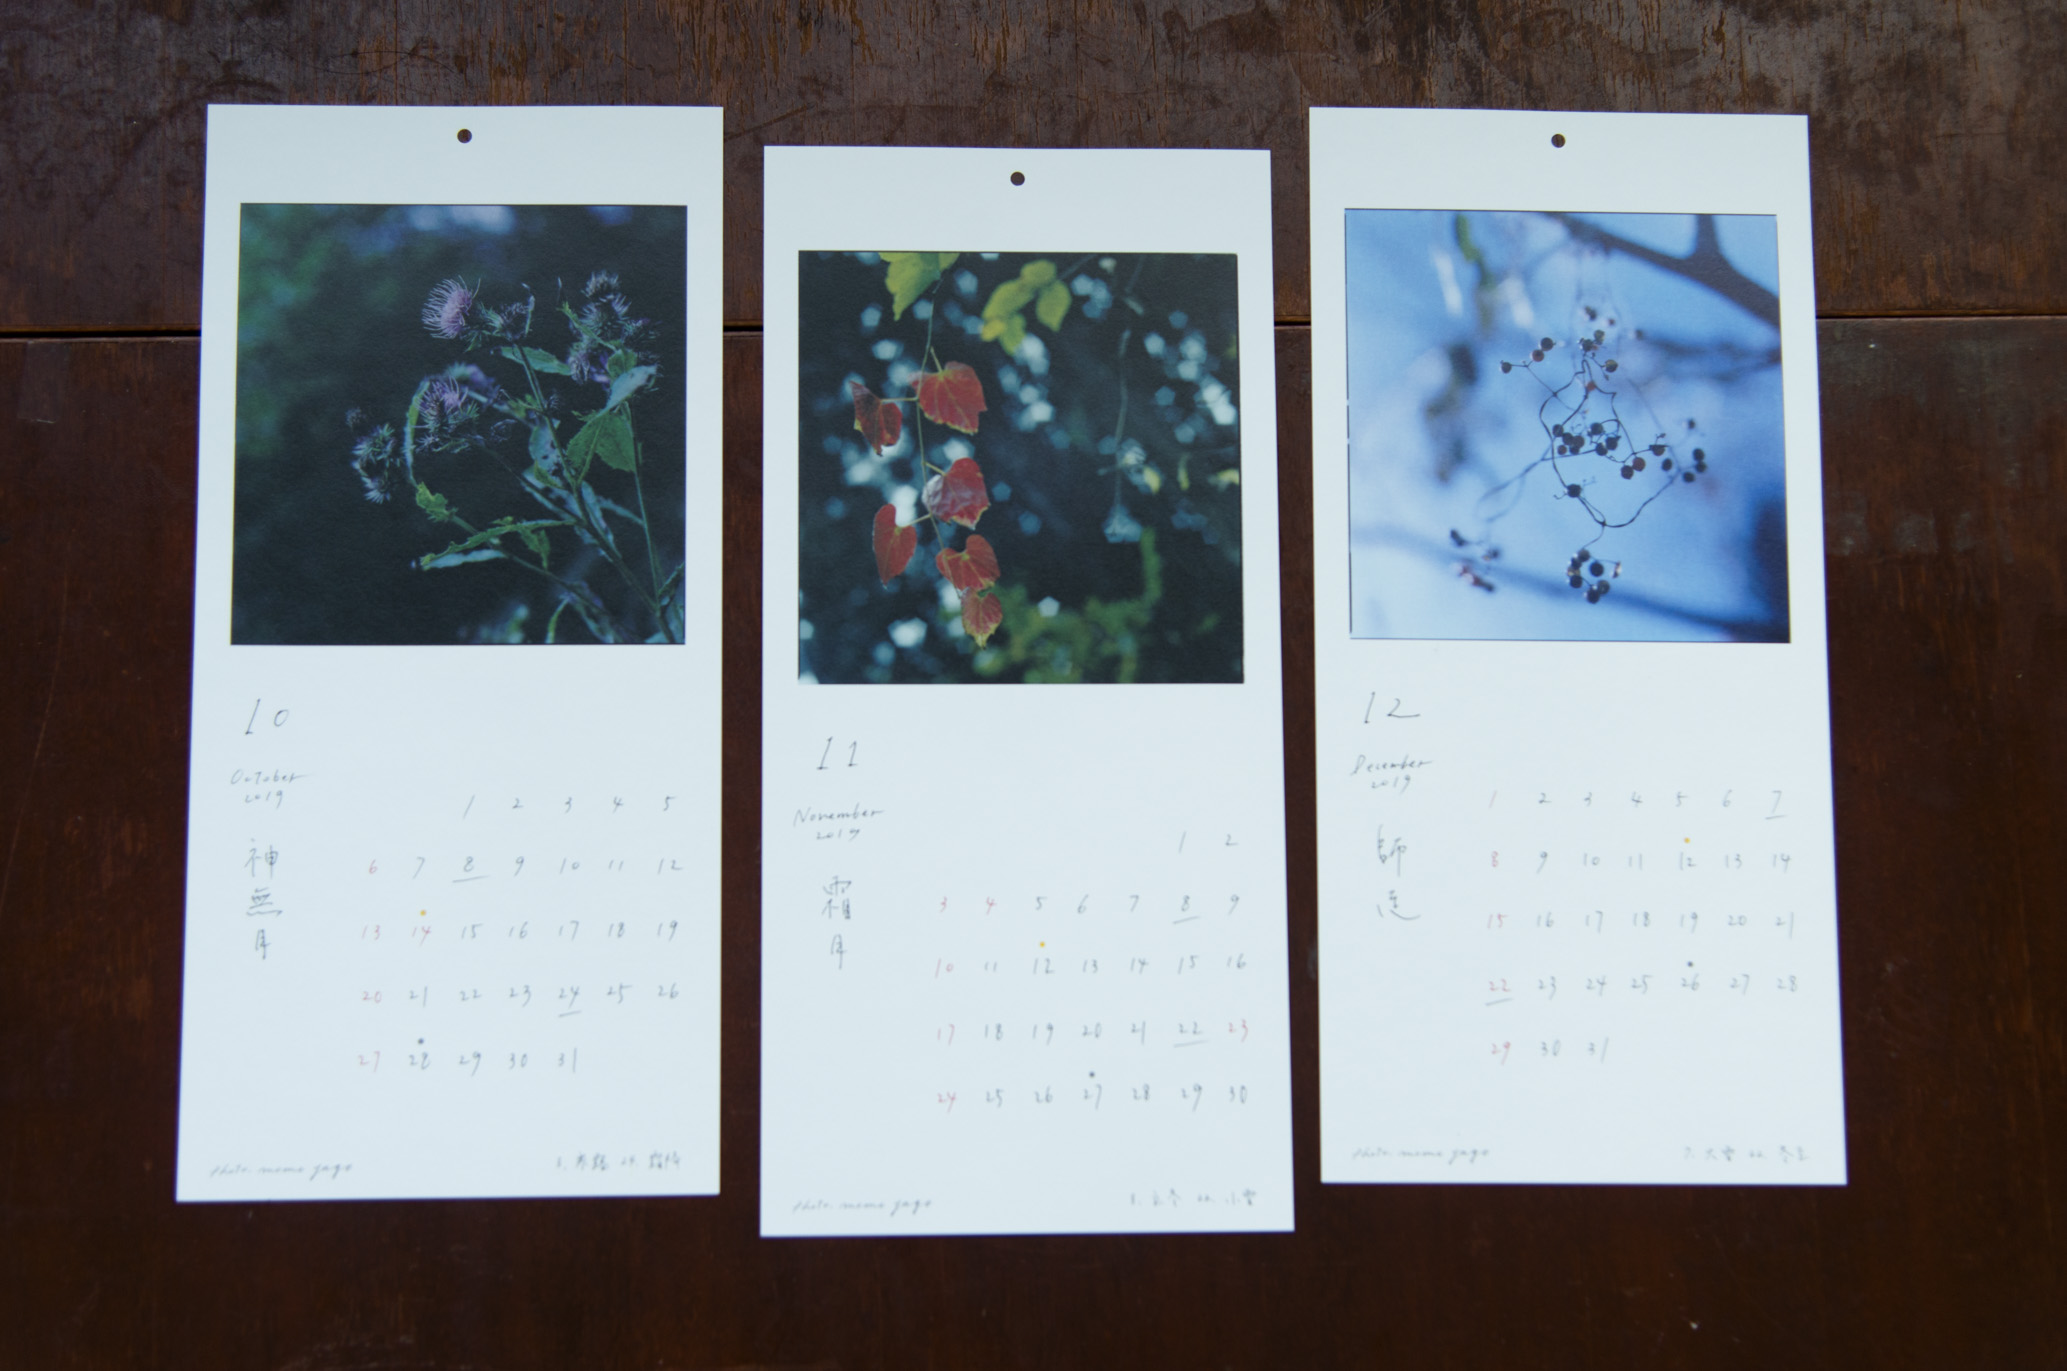 十月:アザミ 十一月:ツタ 十二月:バラの実